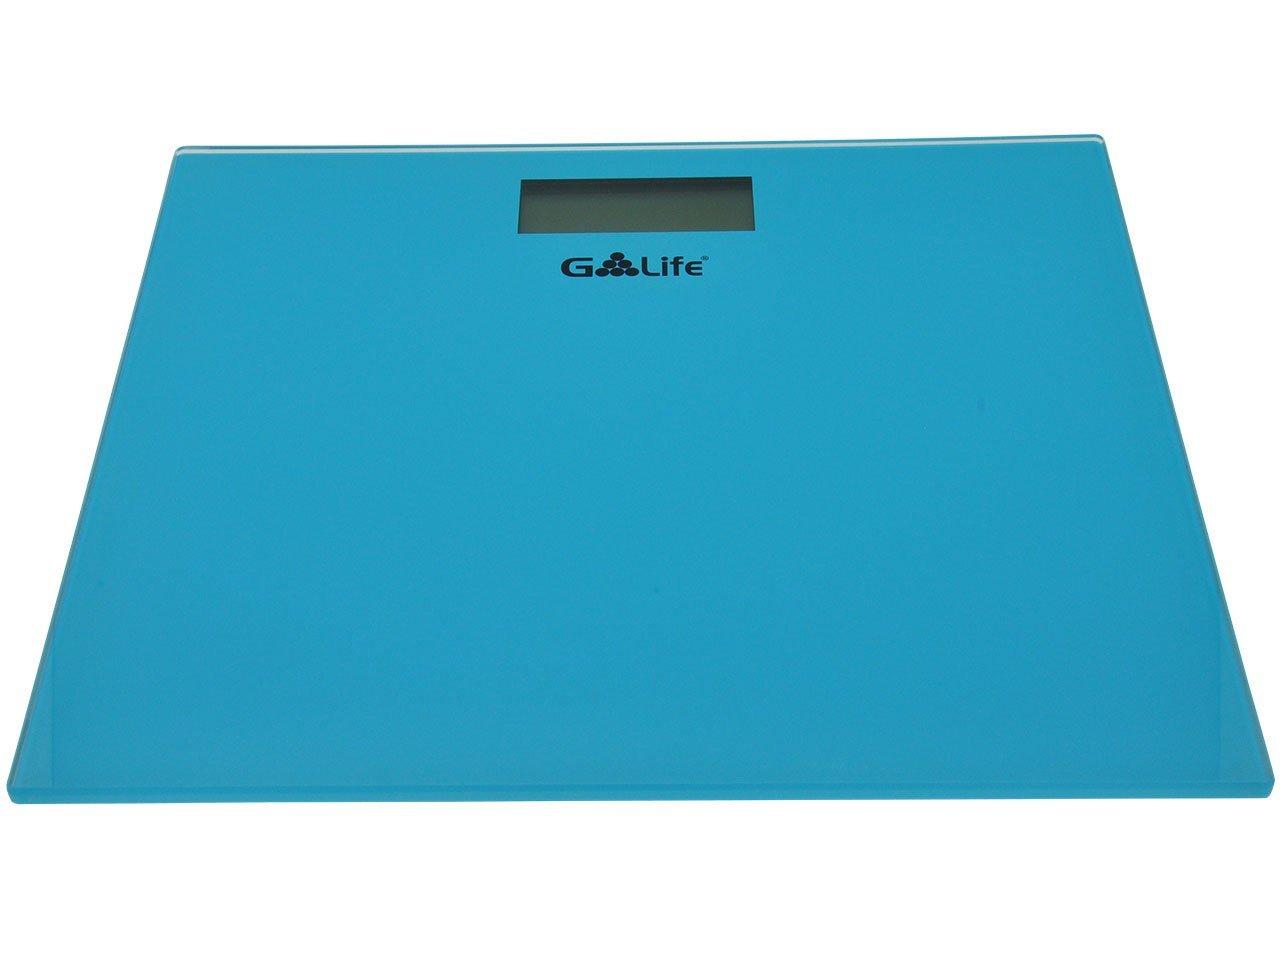 Balança Digital até 150kg Vidro Temperado G life Digital Colors  #1E8DAD 1286x964 Balança Digital De Banheiro Até 150kg